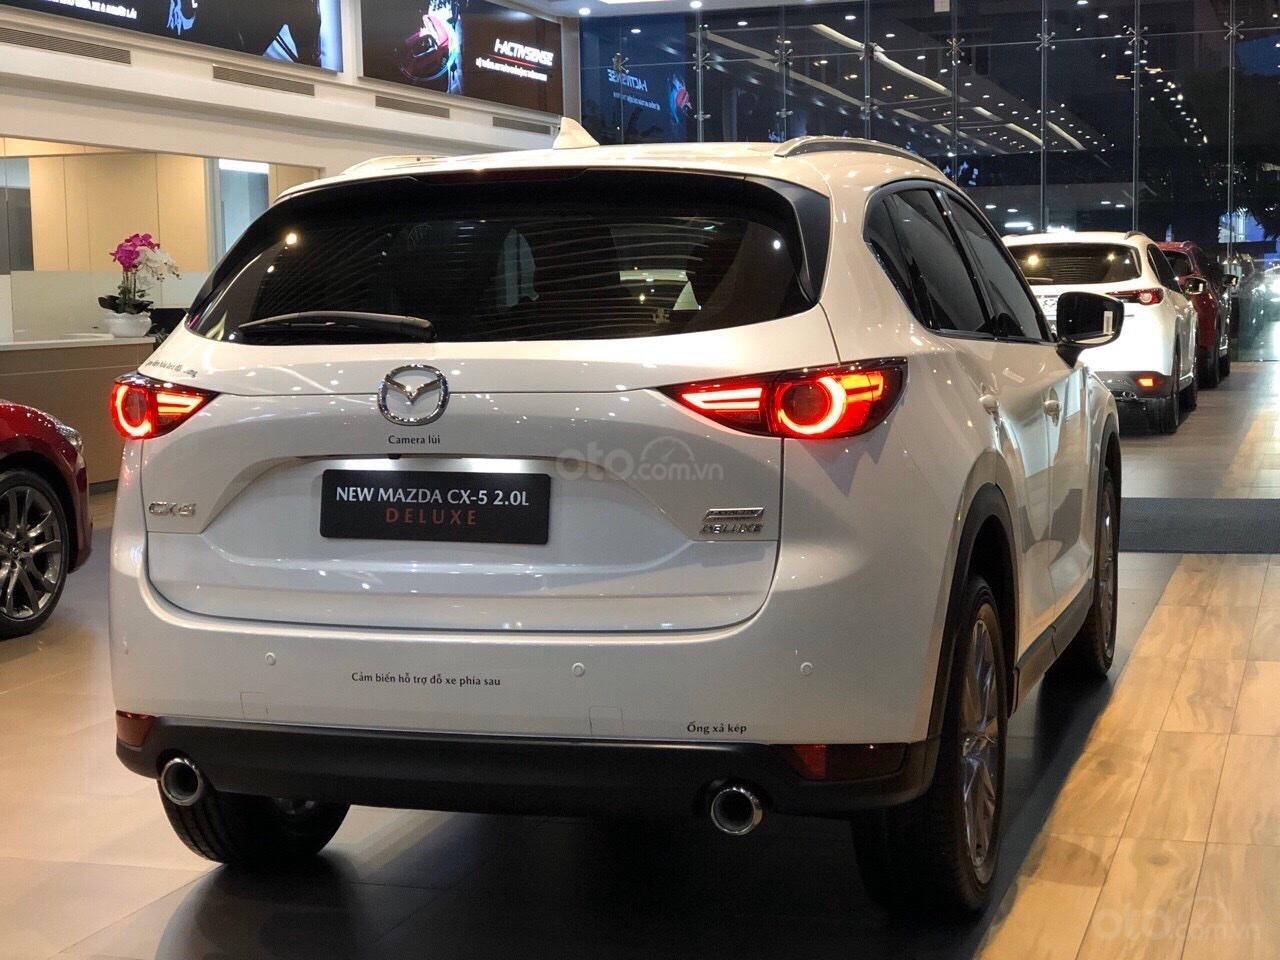 Mazda CX5 ưu đãi lên đến 50 triệu TP. HCM, trả góp đưa trước 290 triệu (5)